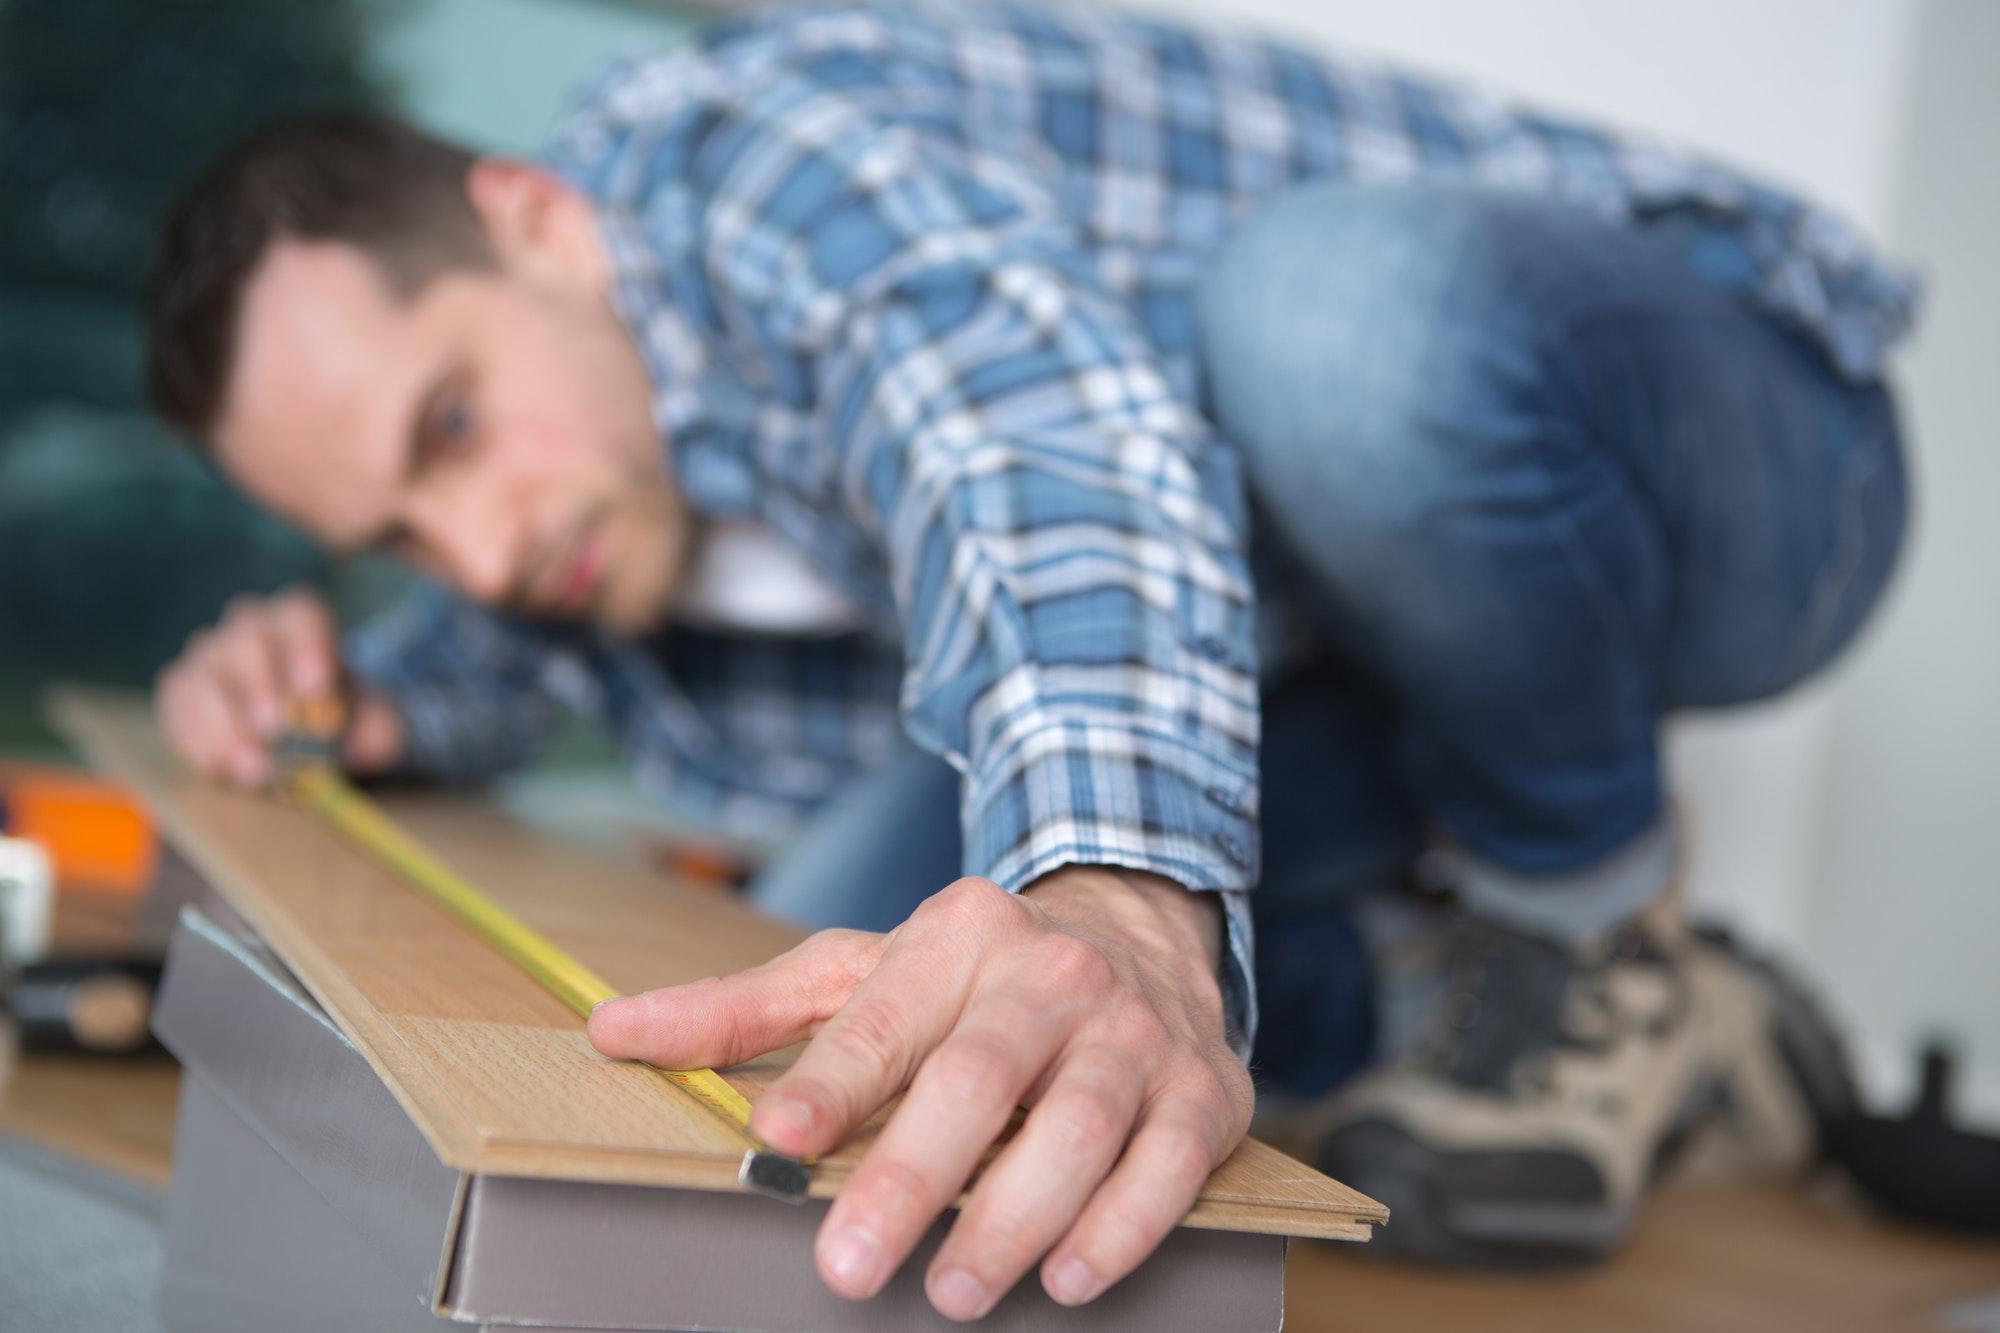 Man measuring laminate board